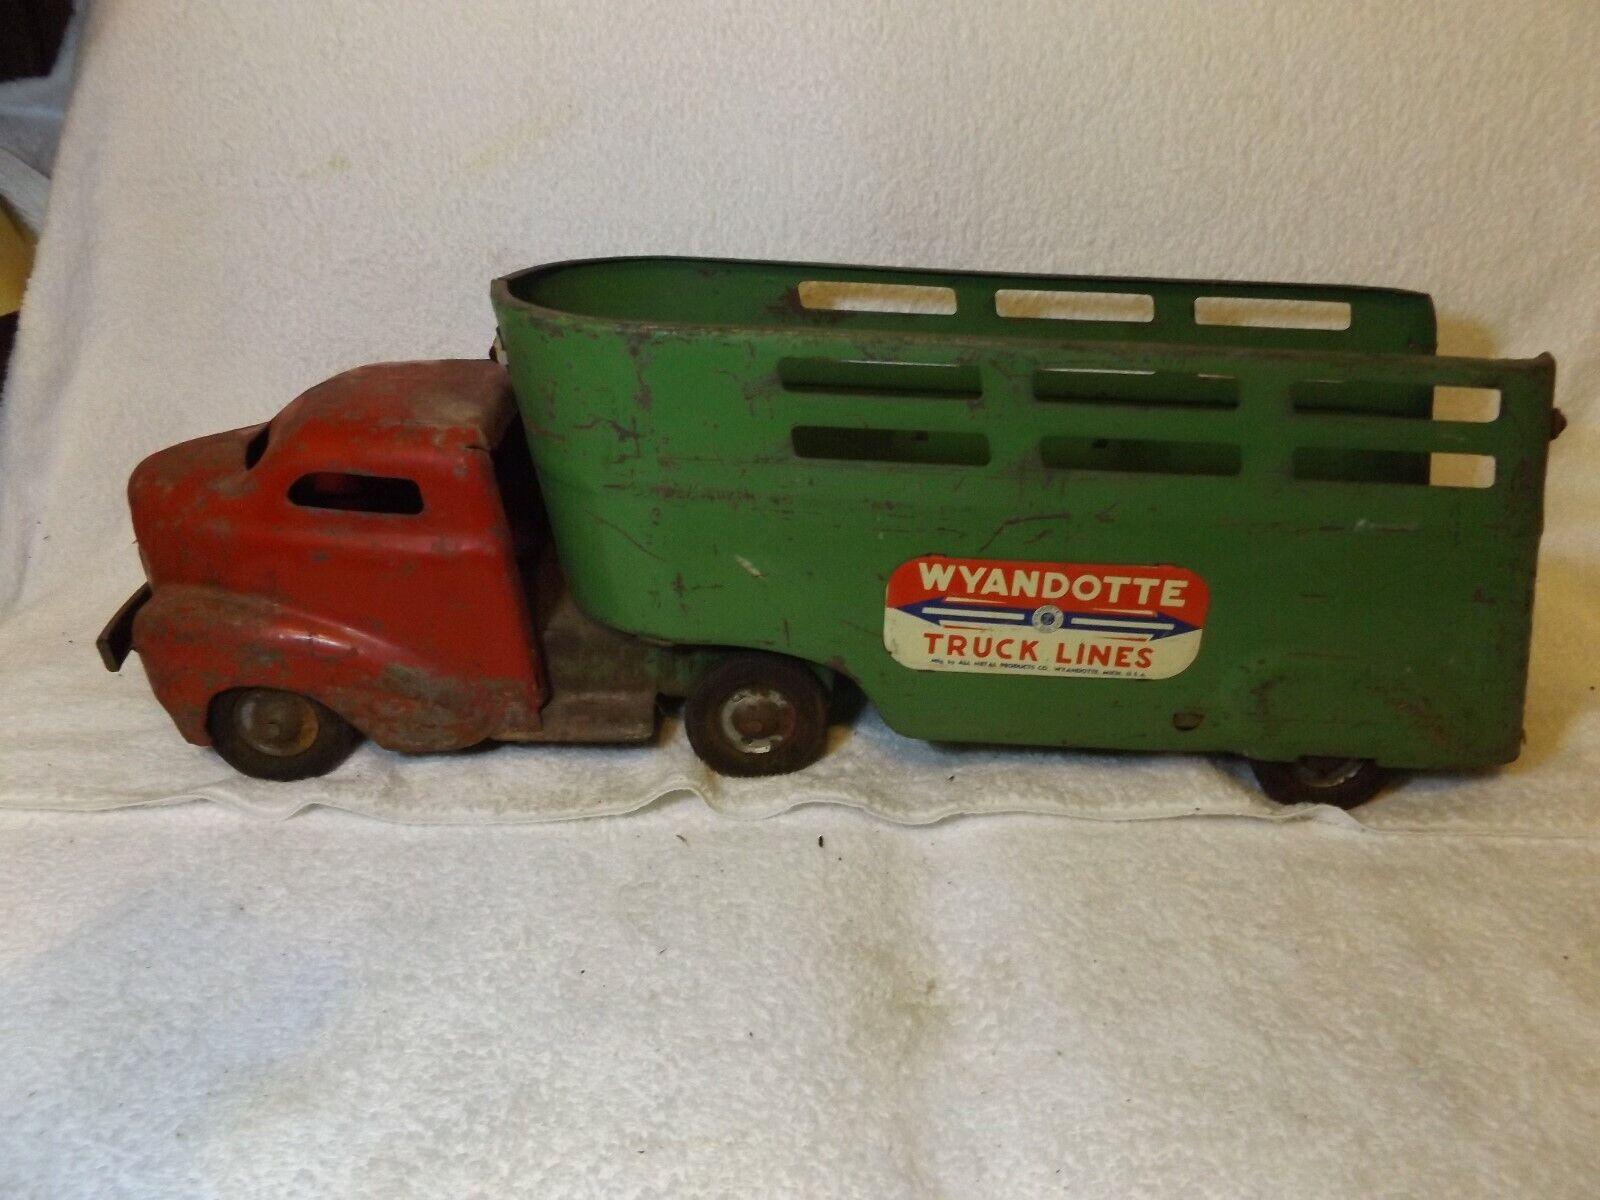 Vintage década de 1940 Wyandotte Toys-Wyandotte camión líneas Semi -- 24  largo -- muy agradable